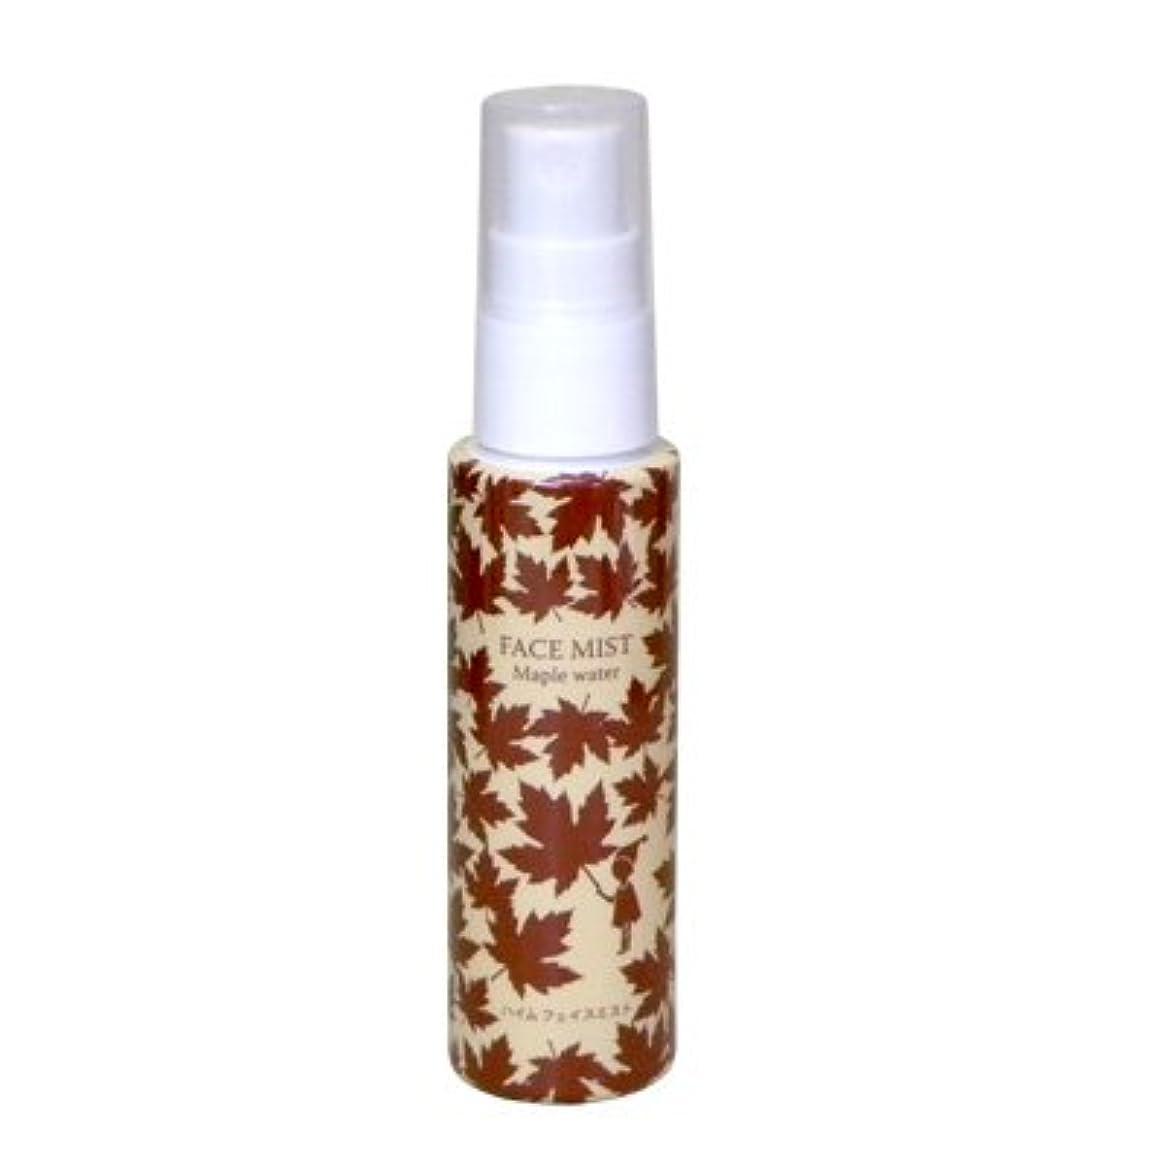 持続するシャックル割り込みハイム フェイスミスト (化粧水) 50ml